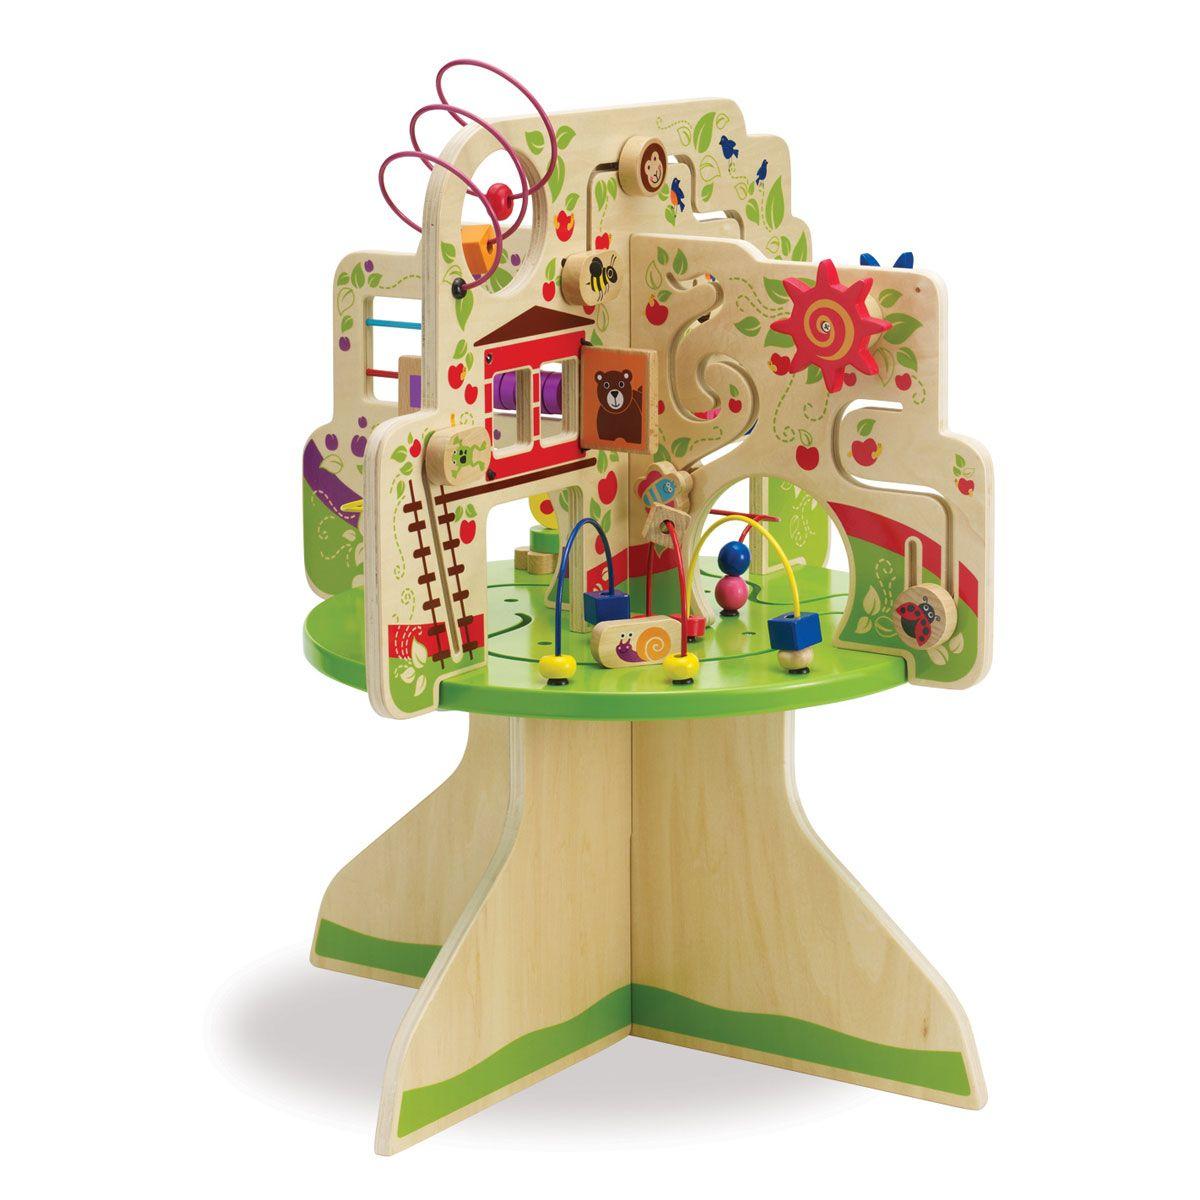 arbre boulier activit s pour enfant de 1 an 5 ans oxybul veil et jeux jeux loisirs b b. Black Bedroom Furniture Sets. Home Design Ideas